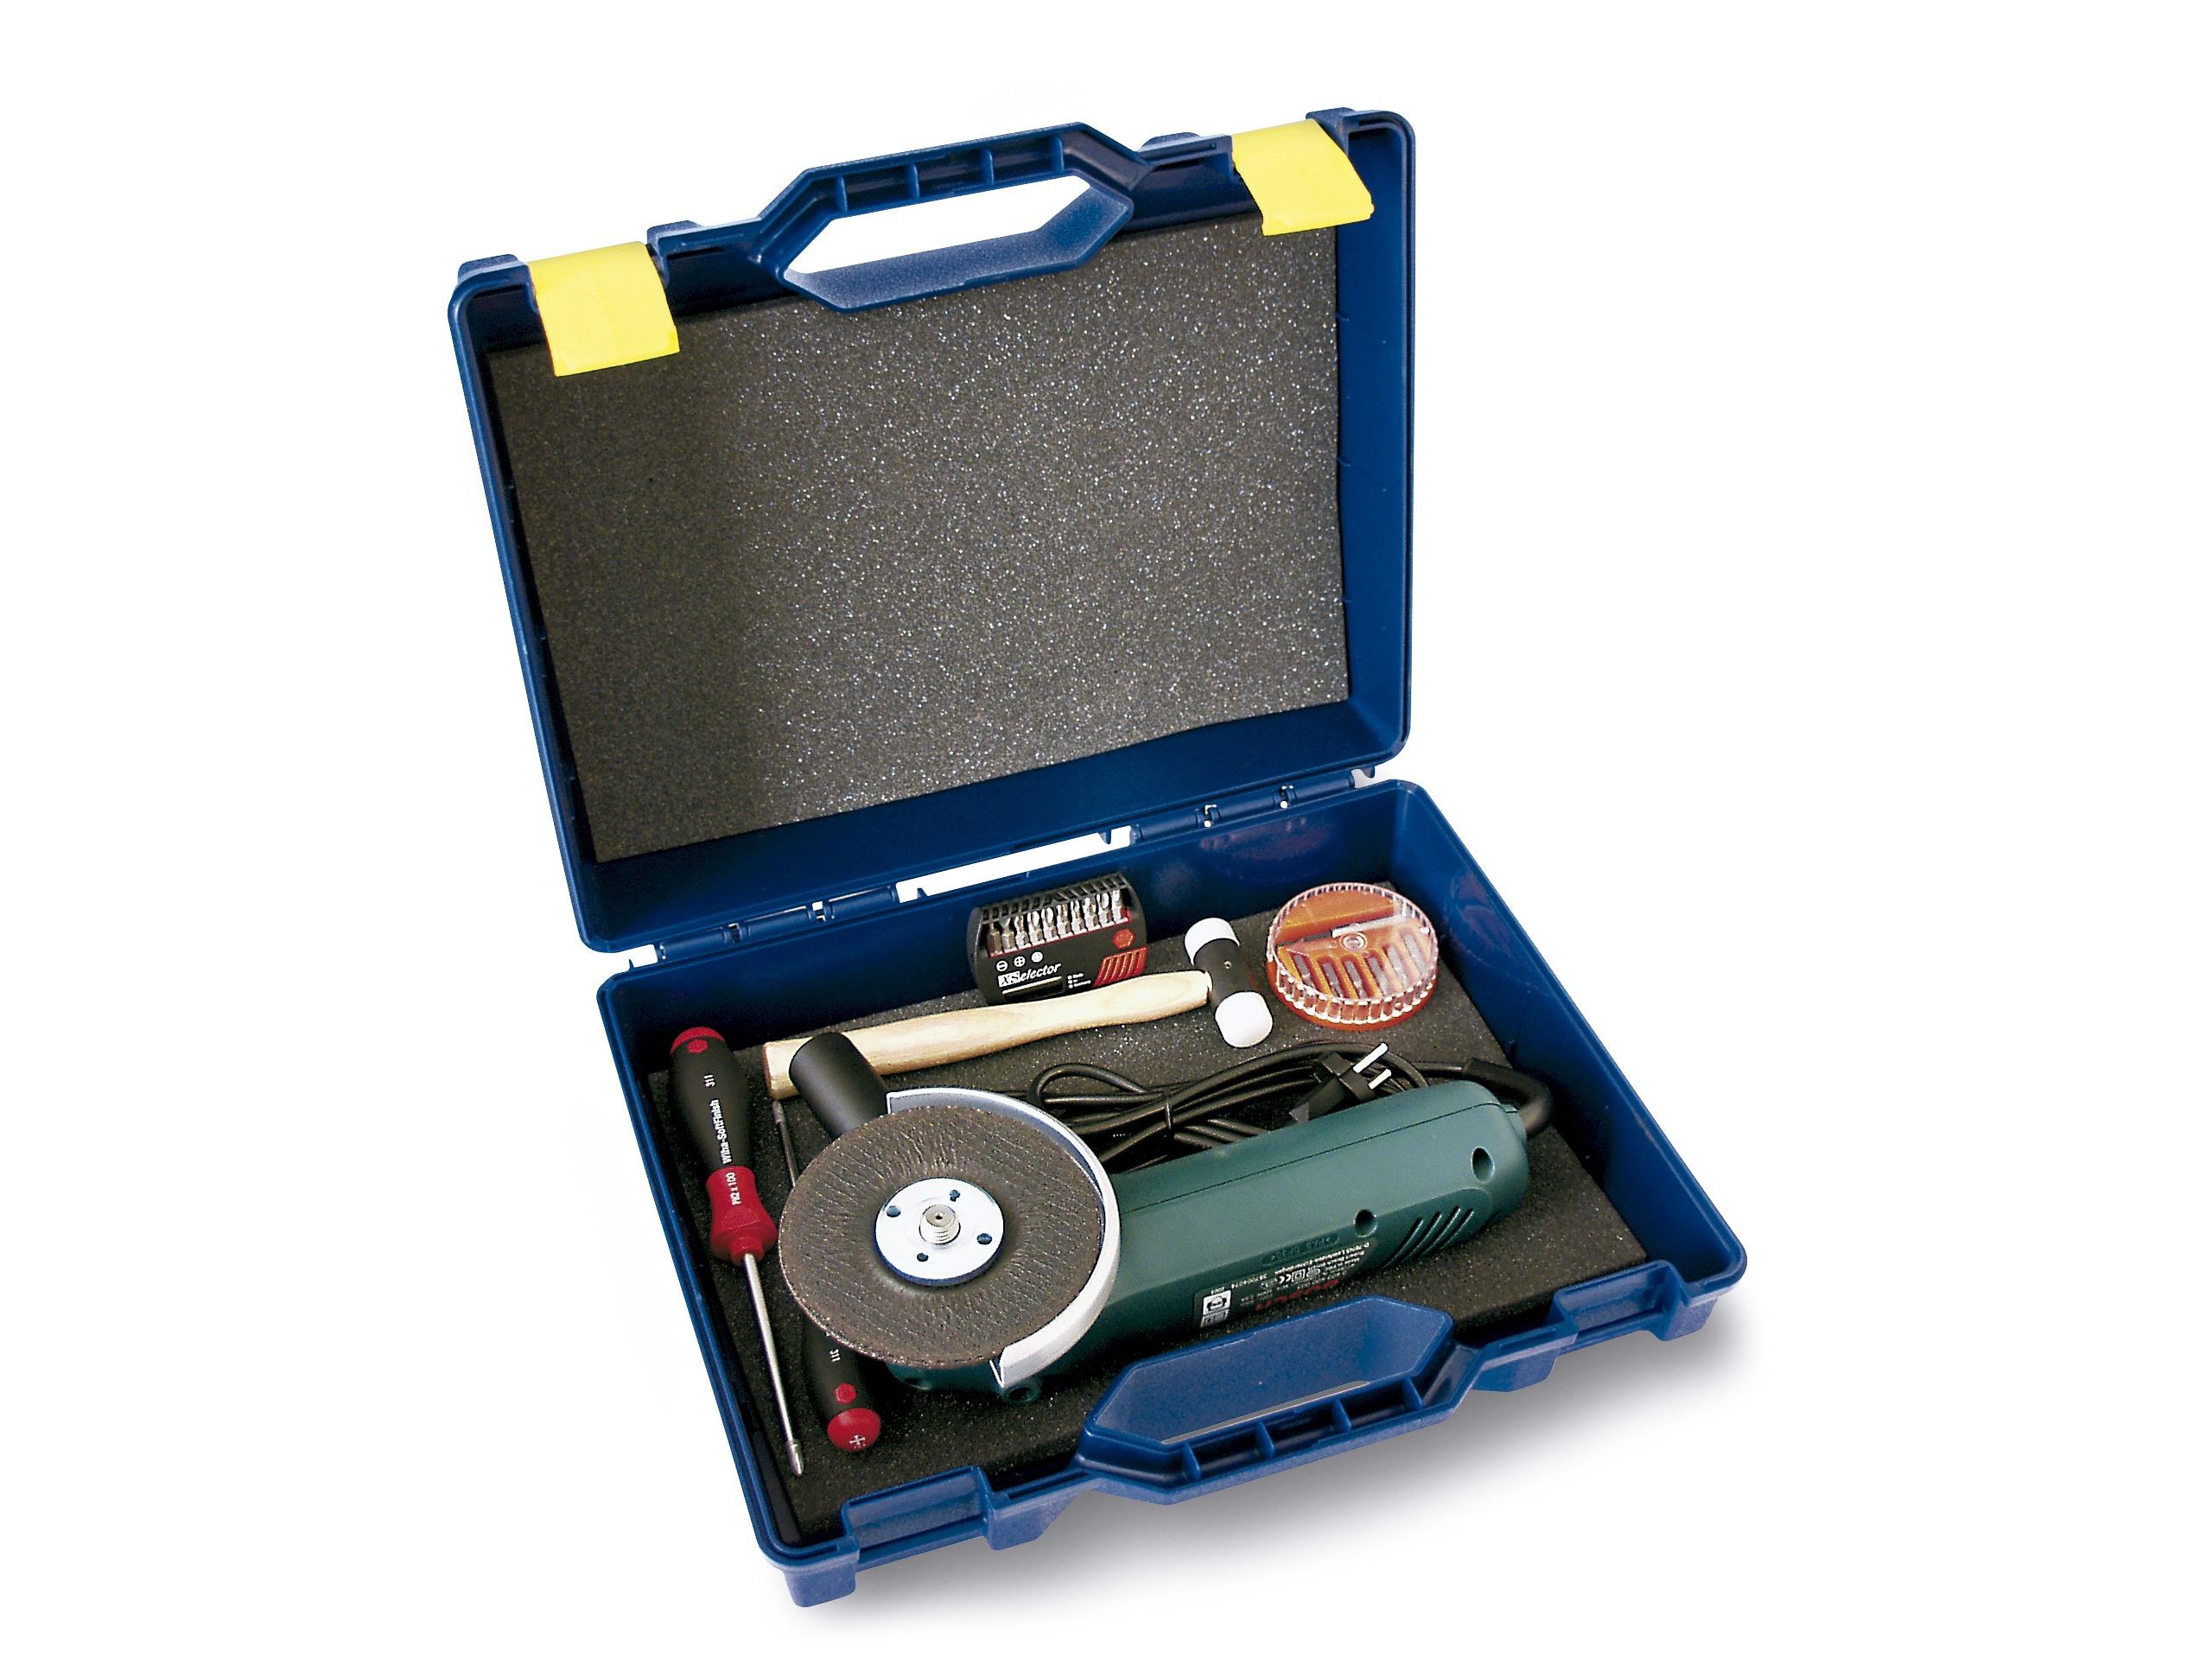 2 maletas herramientas electricas - Maletín de herramientas